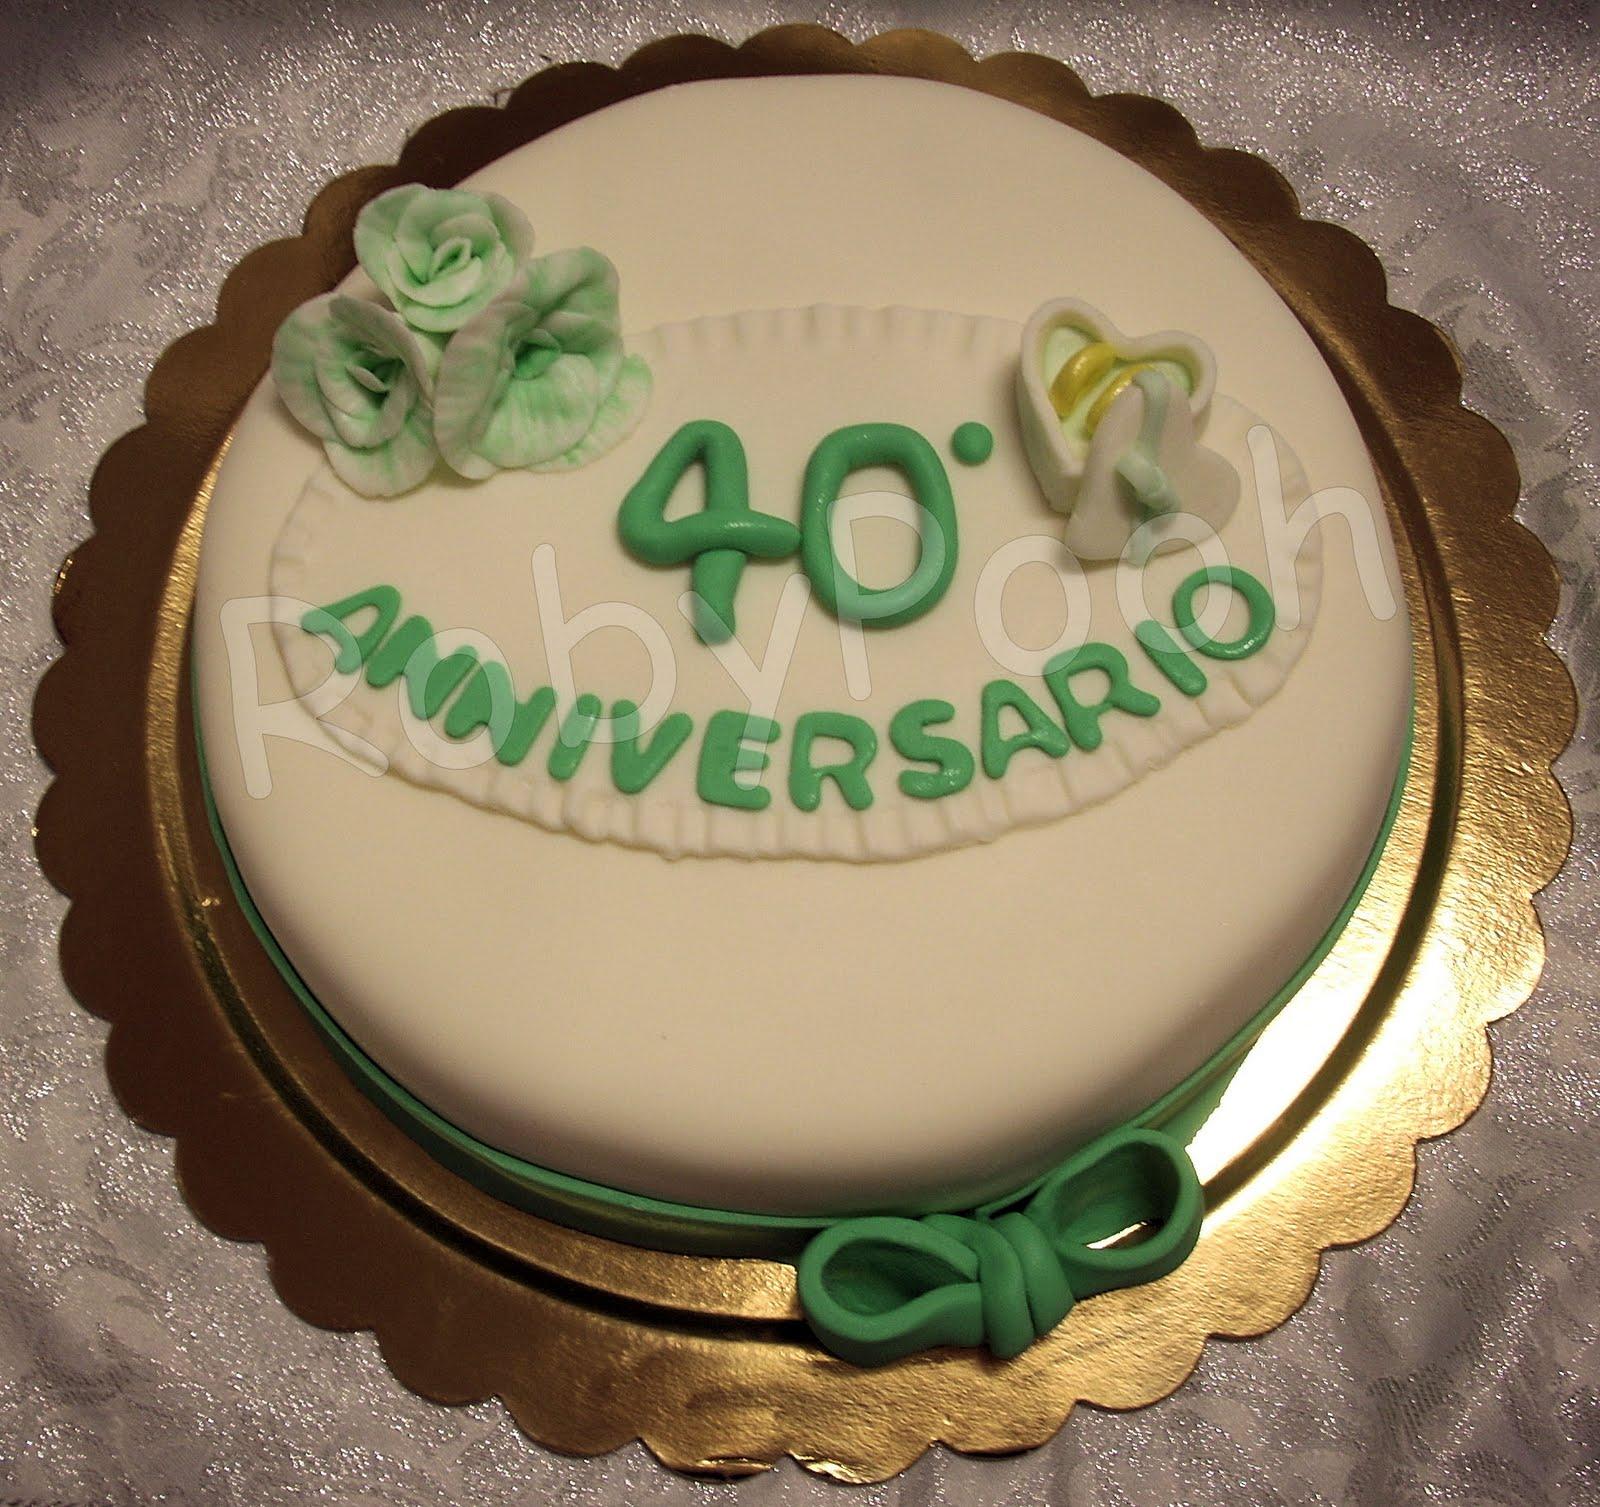 Conosciuto Dolci&Delizie: Torta 40° anniversario di matrimonio IN77